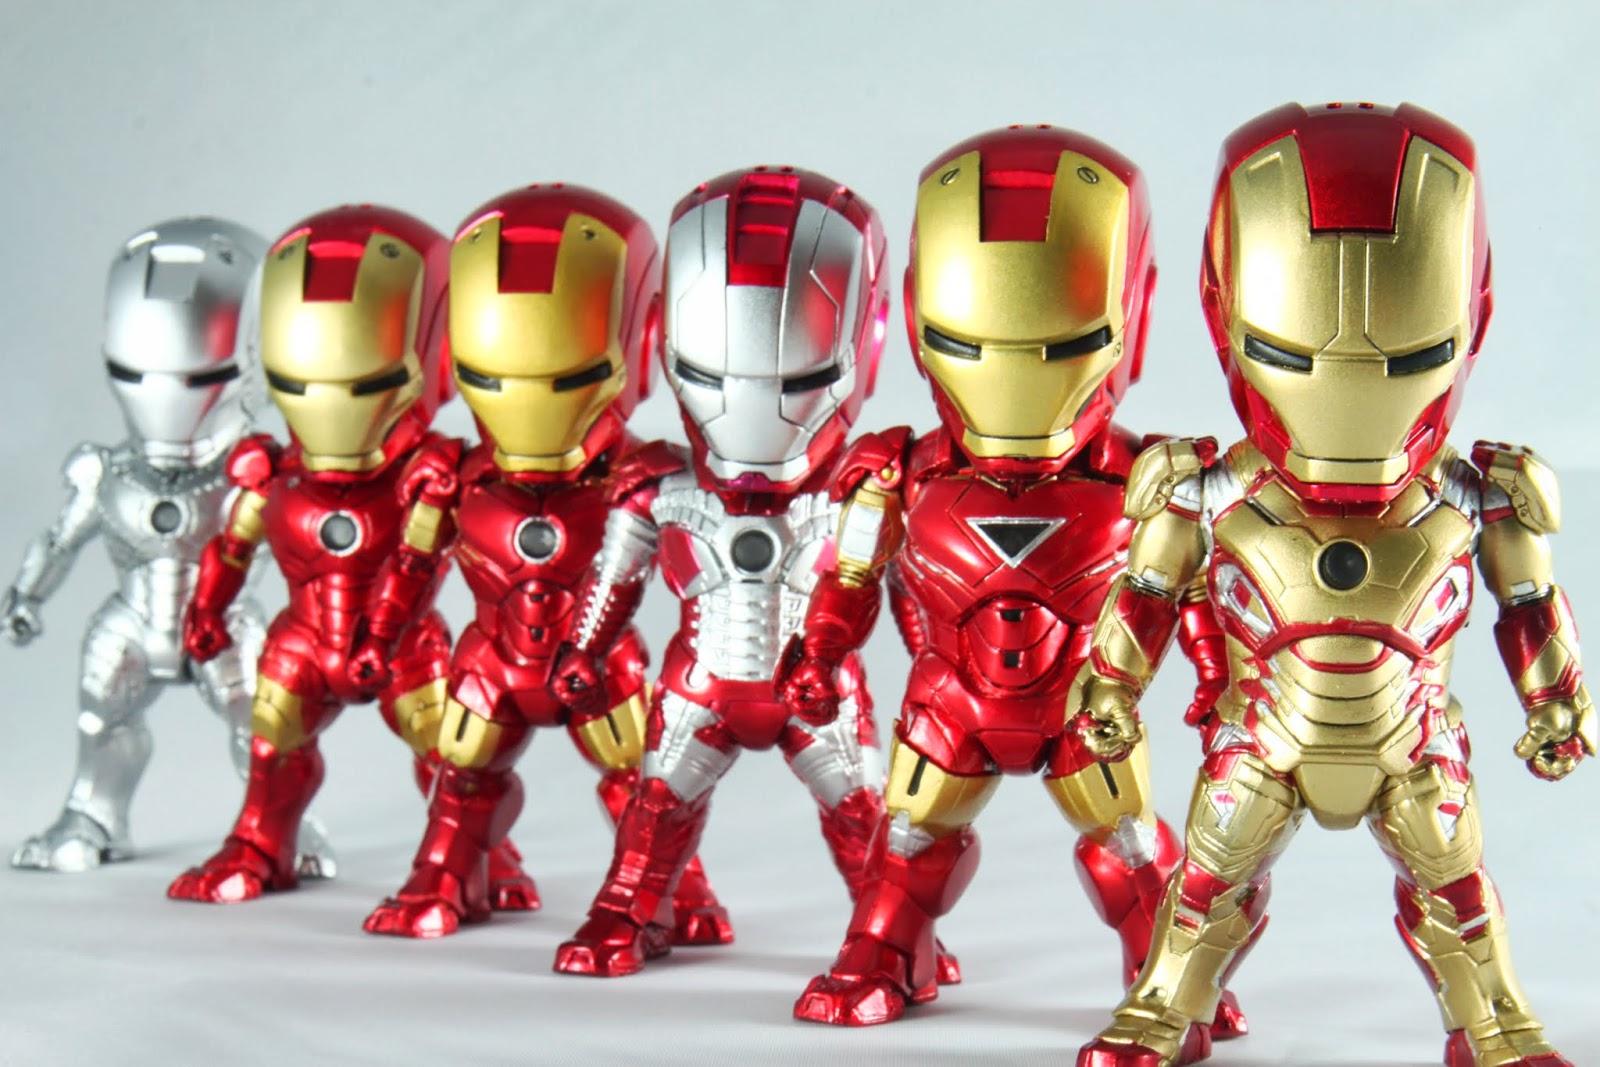 東尼戰隊 - 鋼鐵連者! Go Go ~~Iron~Ranger~~~